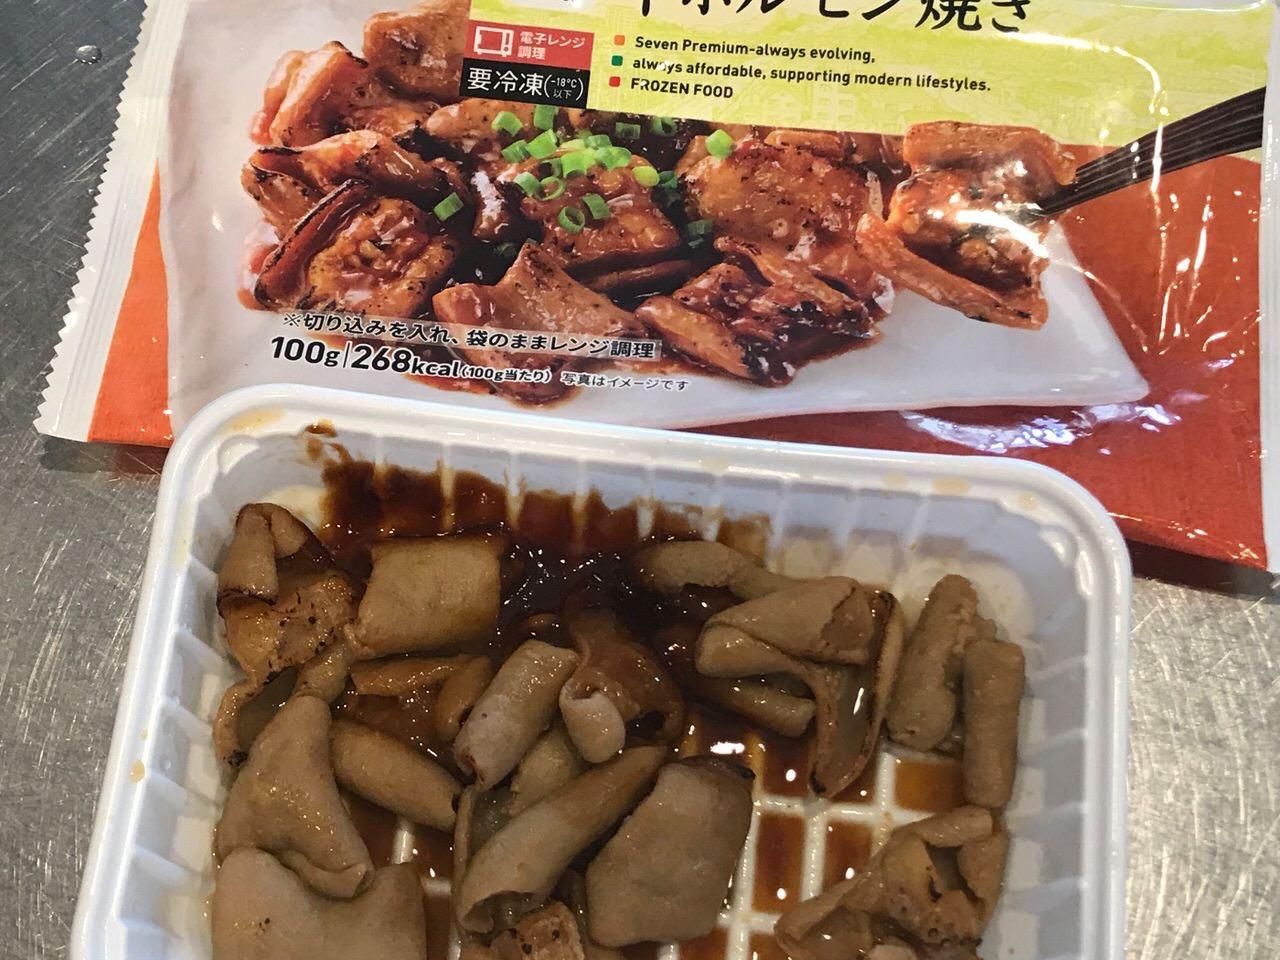 セブンイレブン 冷凍食品「牛ホルモン焼き」04